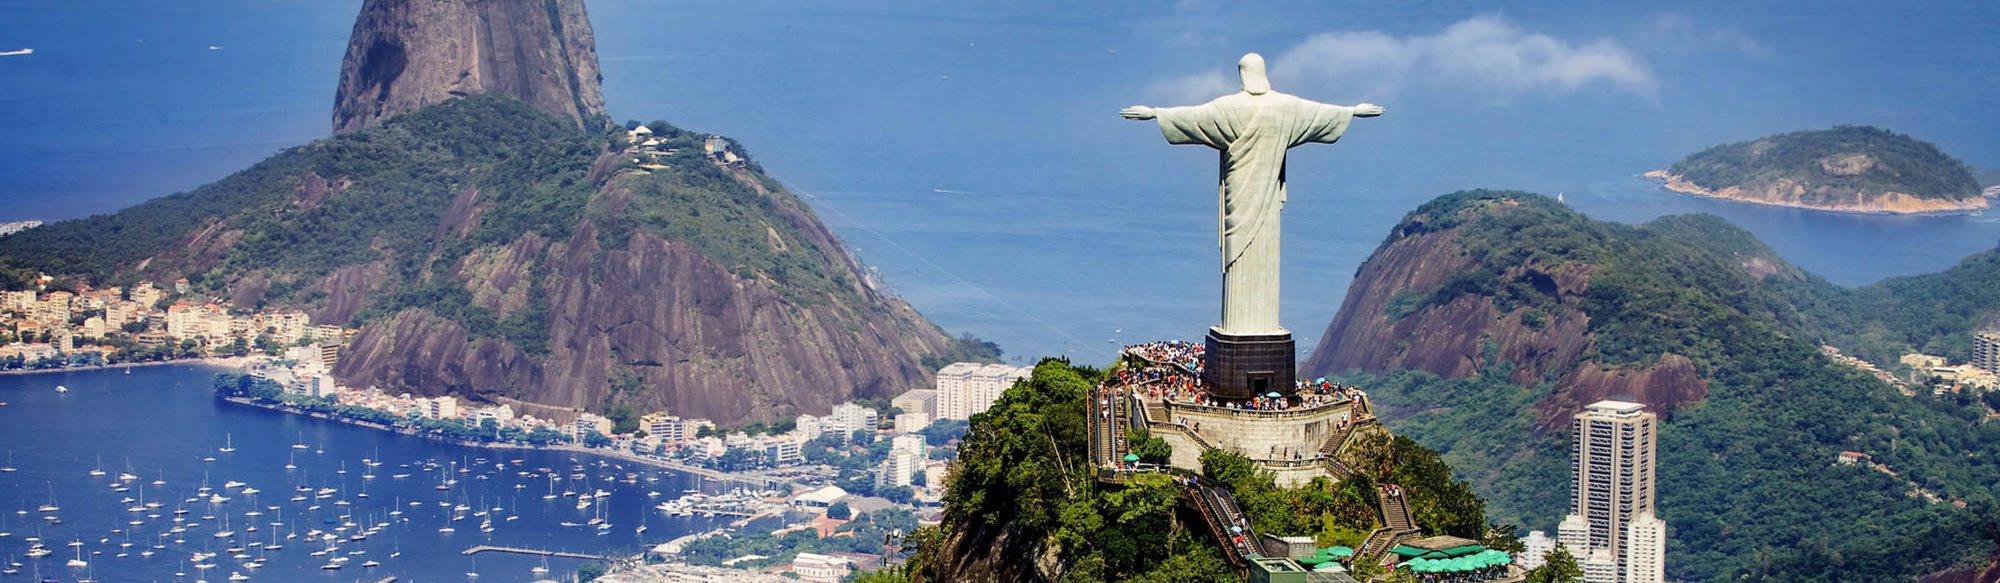 Brasiliansk krok upp kultur mest populära dejtingsajt efter land